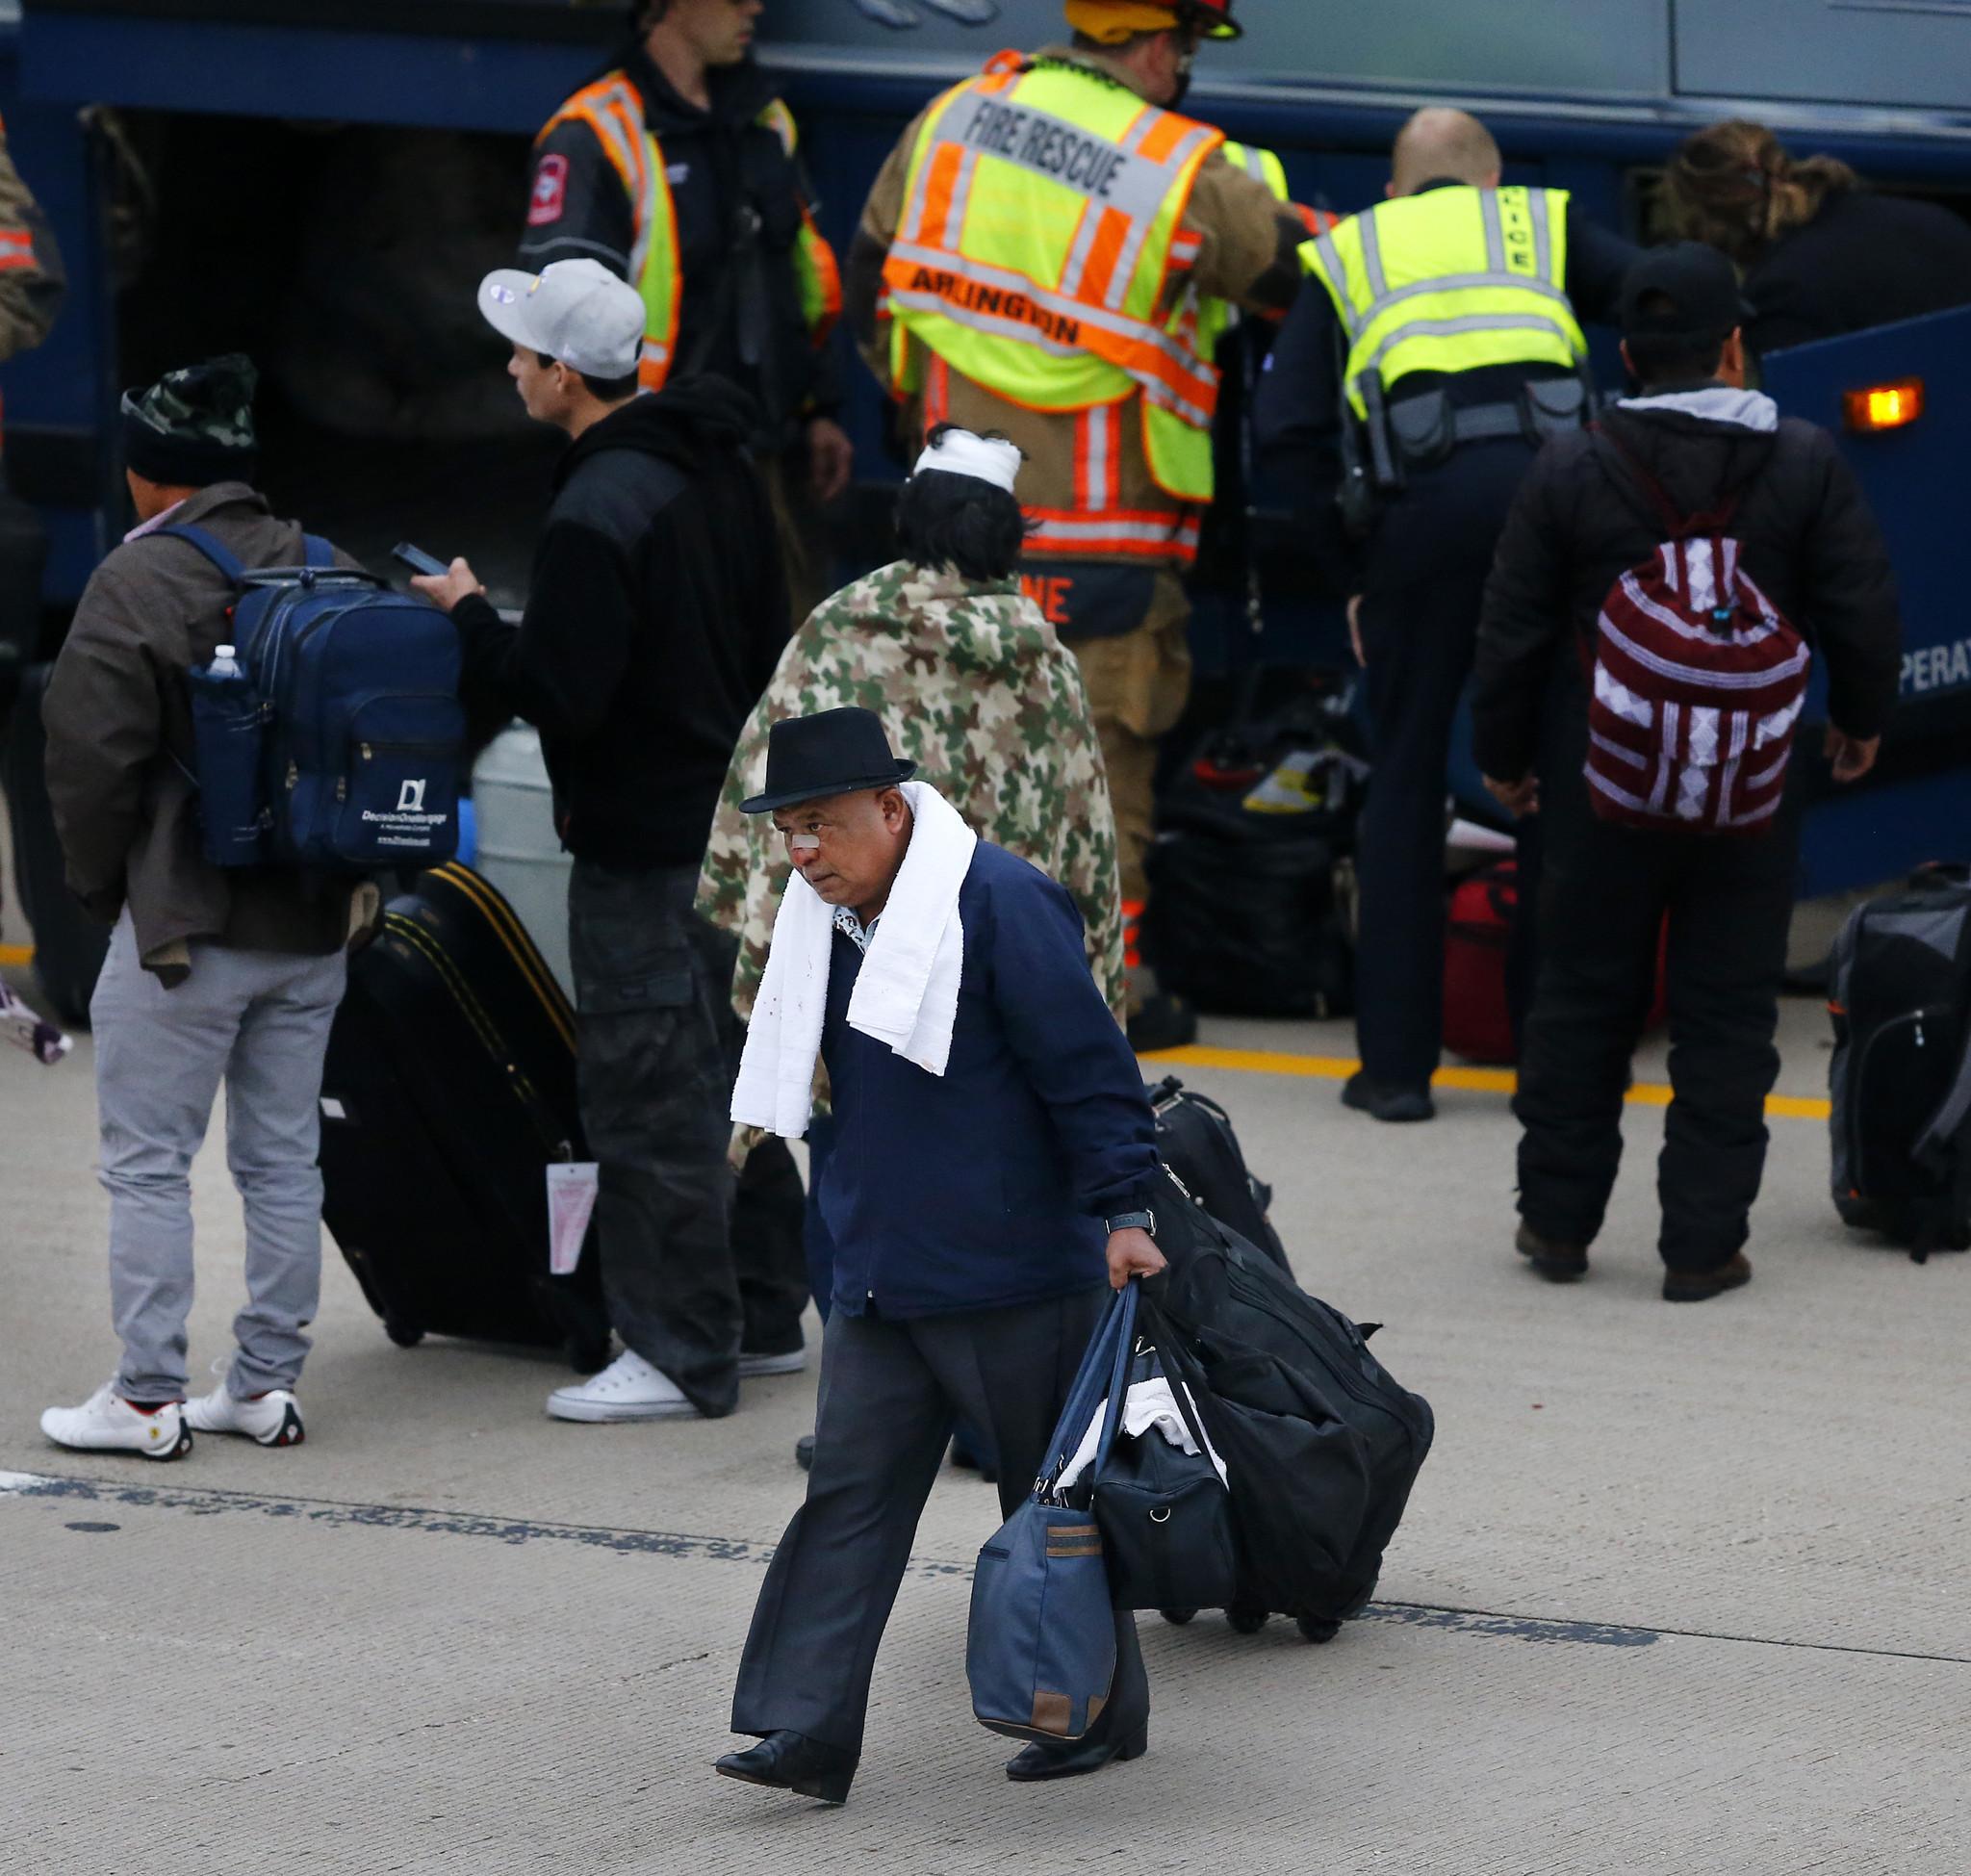 1 Dead, 17 Injured In Greyhound Bus Crash In North Texas